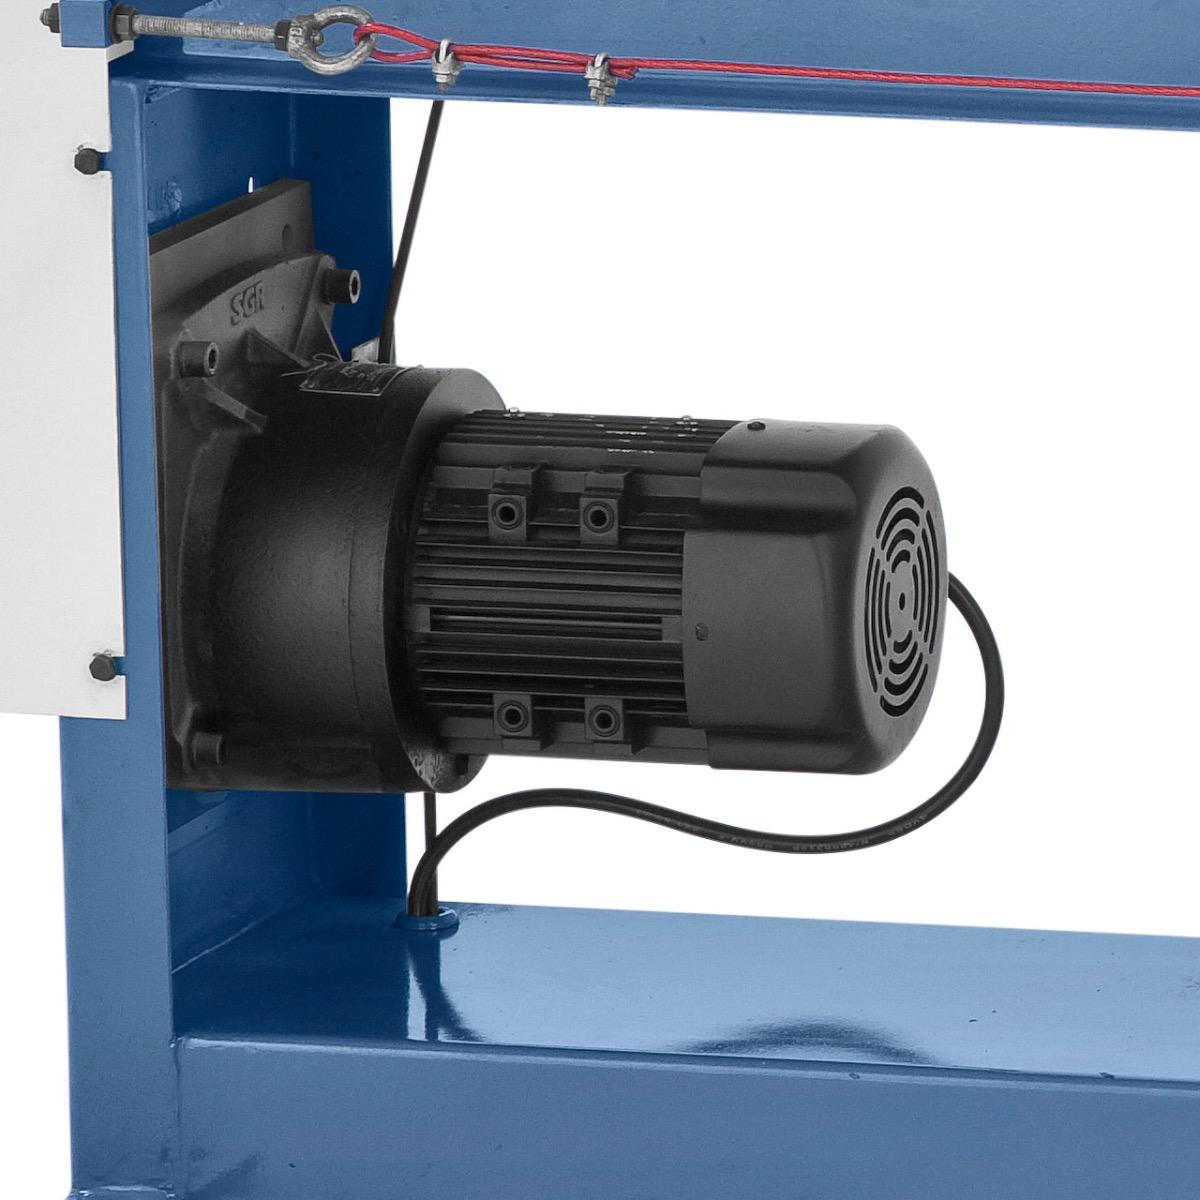 Leistungsstarker Antriebsmotor mit 0,75 kW für einen gleichmäßigen Antrieb der Walzen.